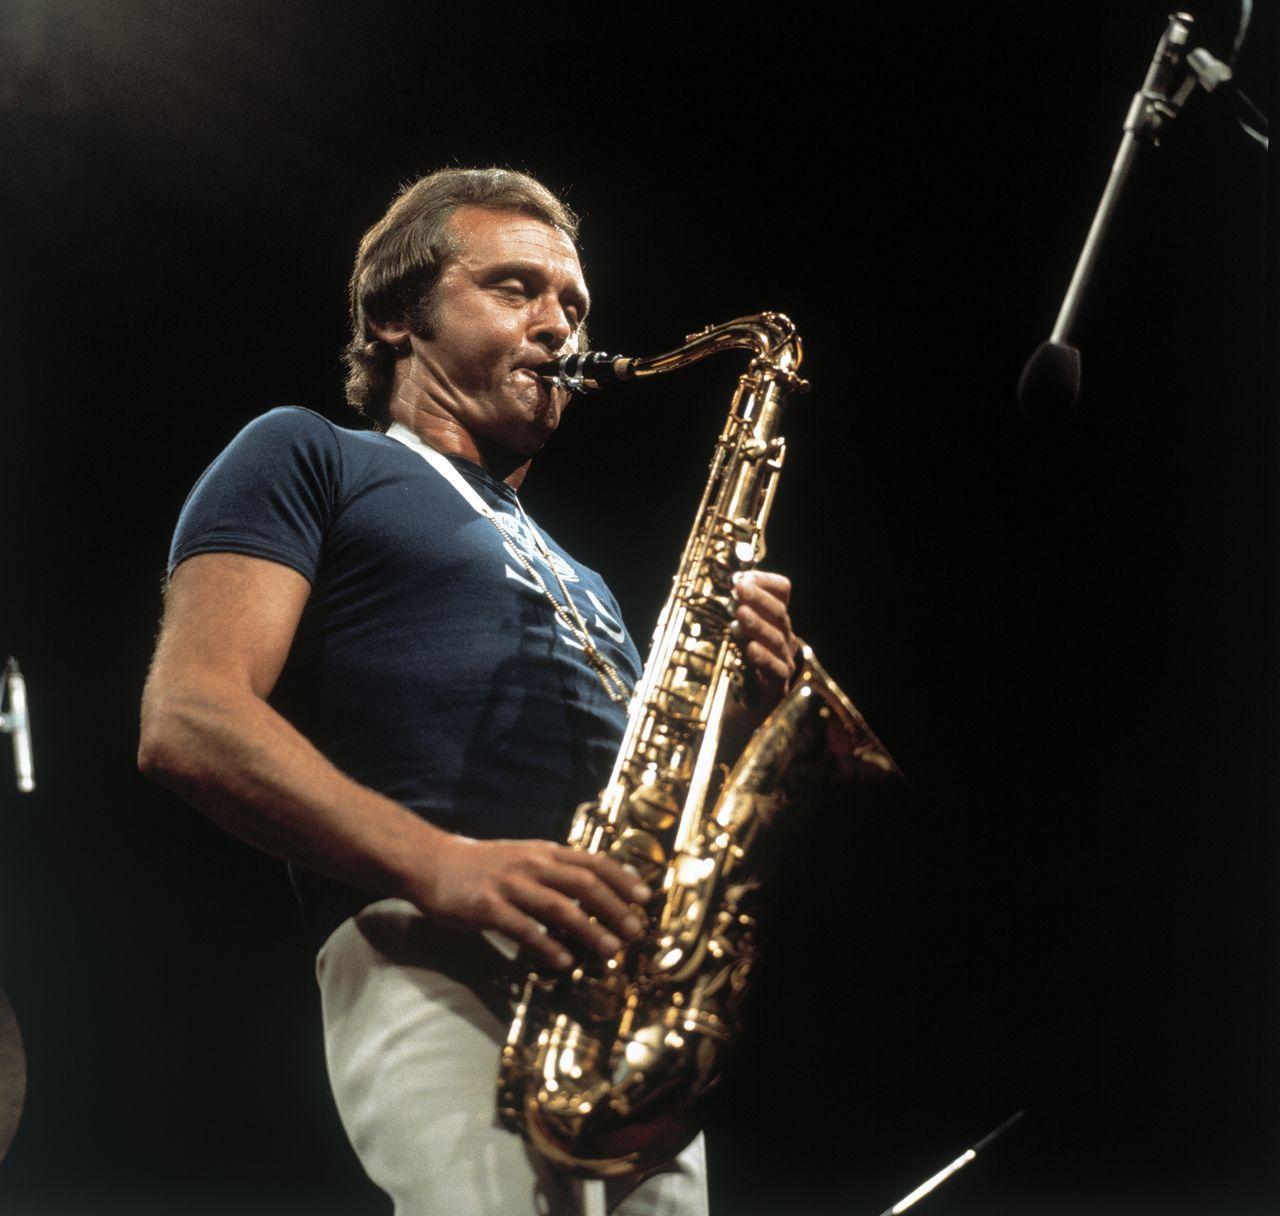 Стэн Гетц, один из пионеров кул-джаза. Мураками Харуки перенял его подход к творчеству (© Aflo)